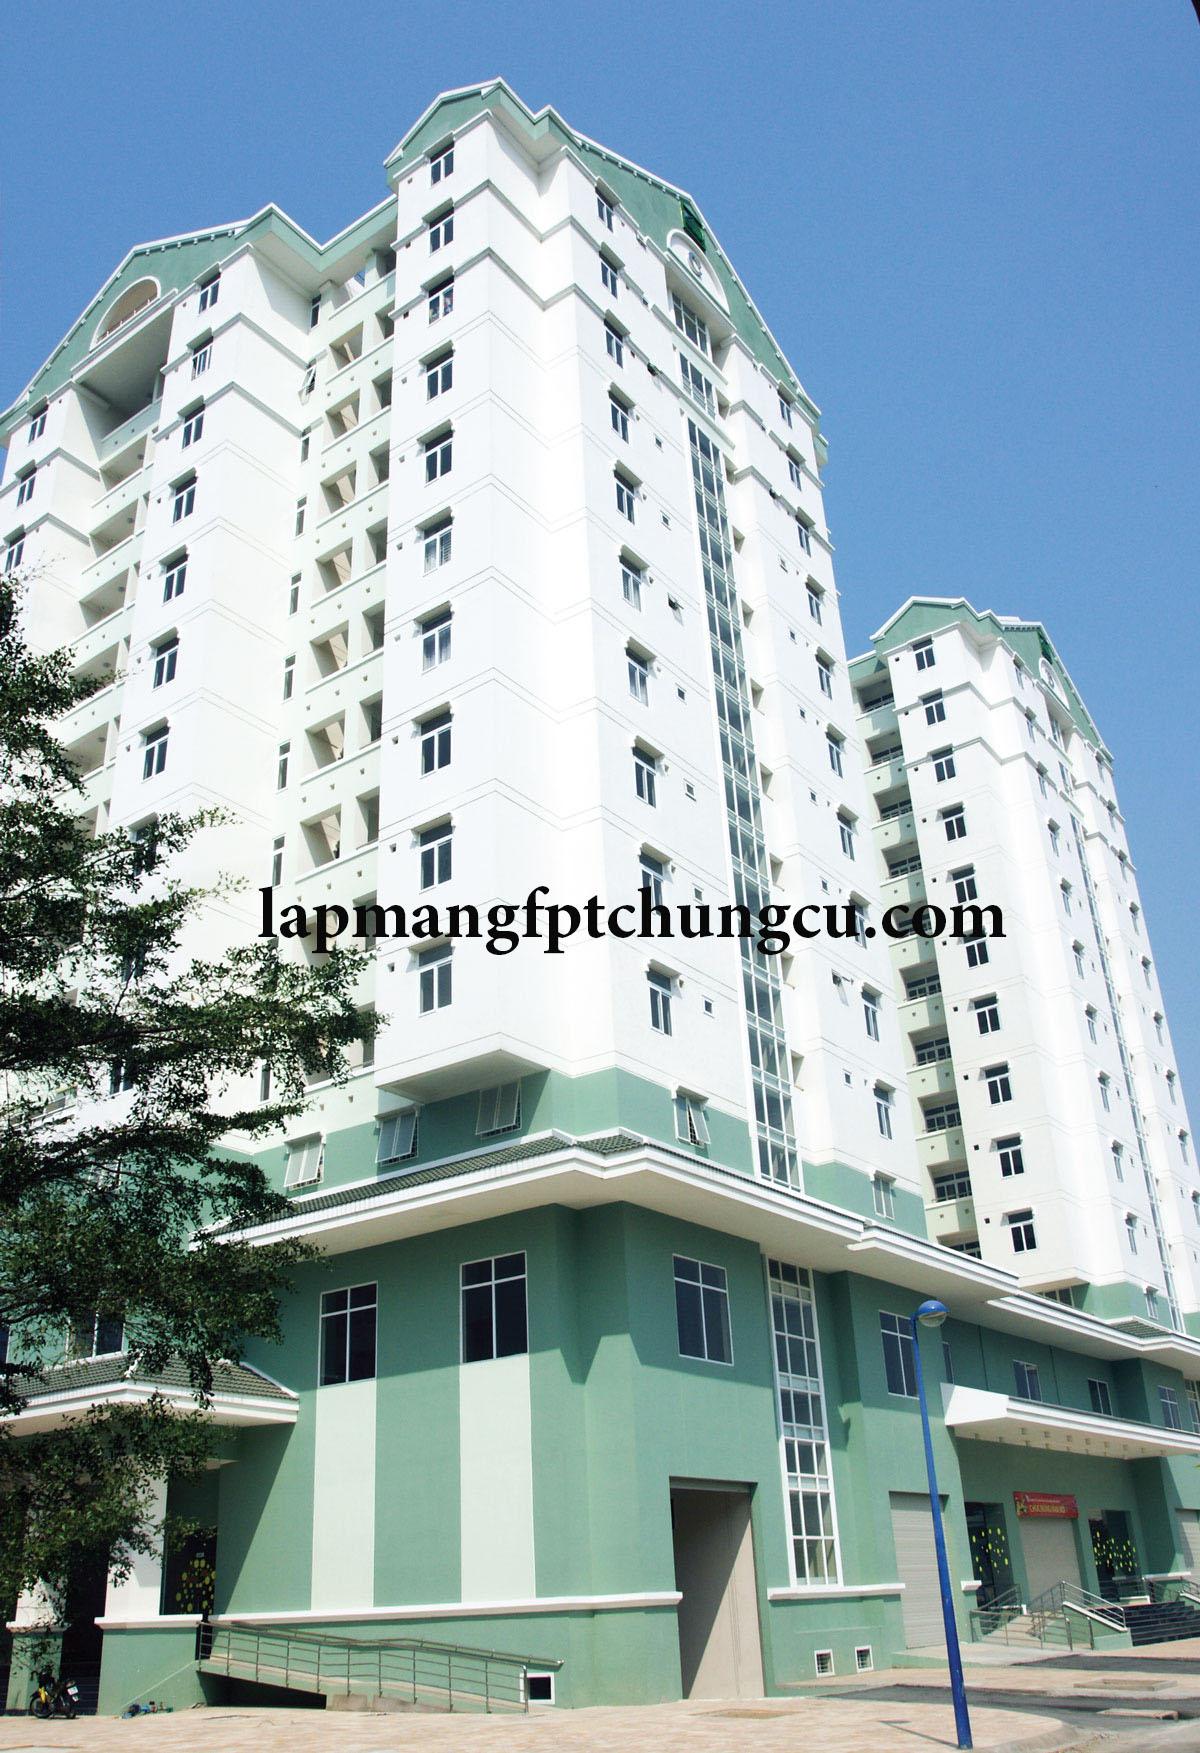 Dự Án Căn Hộ Chung Cư Nhất Lan 02 Quận Bình Tân